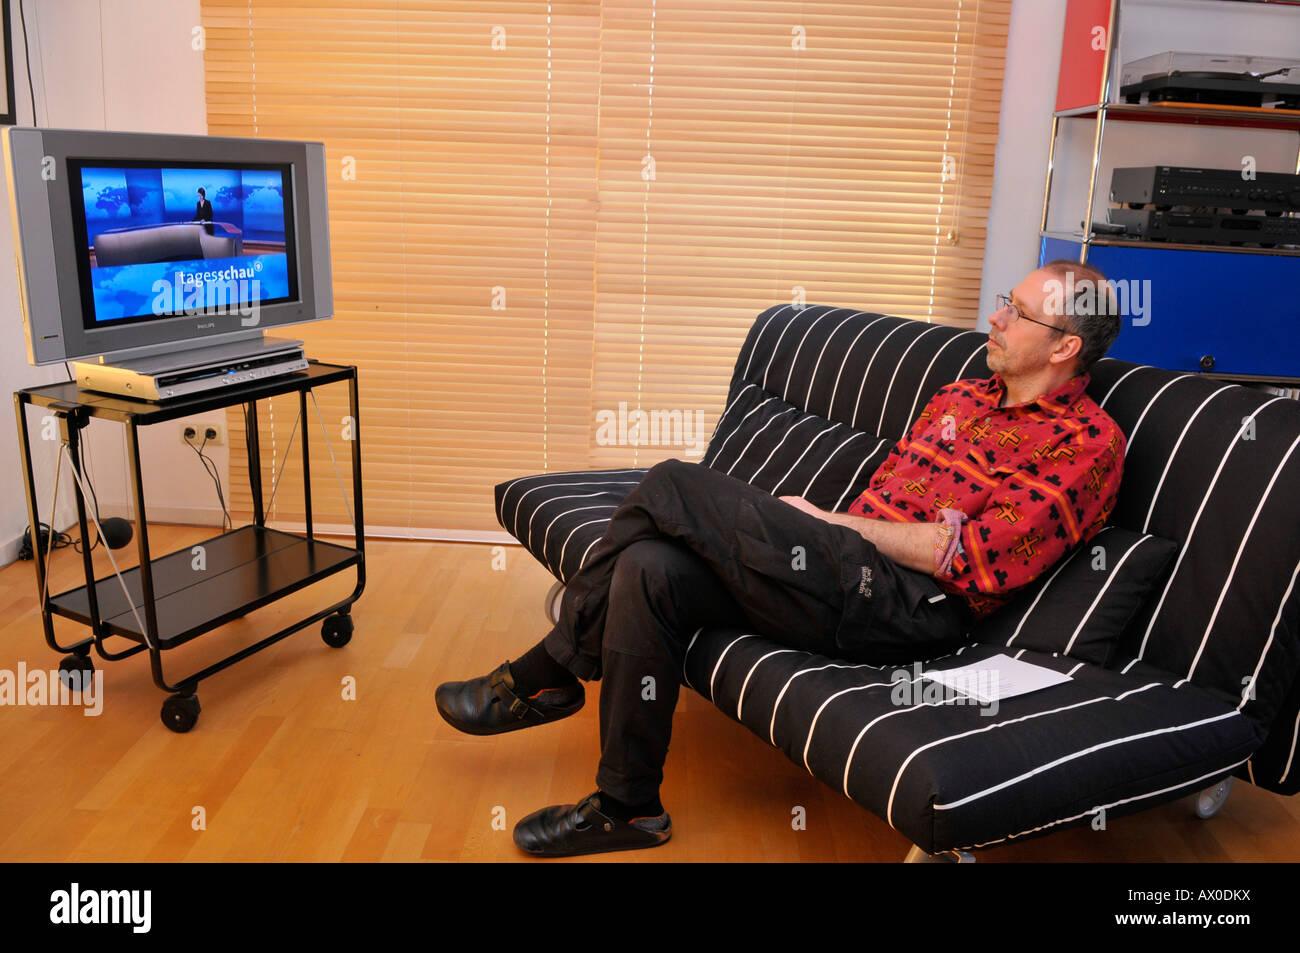 Mann Sitzt Auf Der Couch Vor Dem Fernseher Stockfoto Bild 16688125